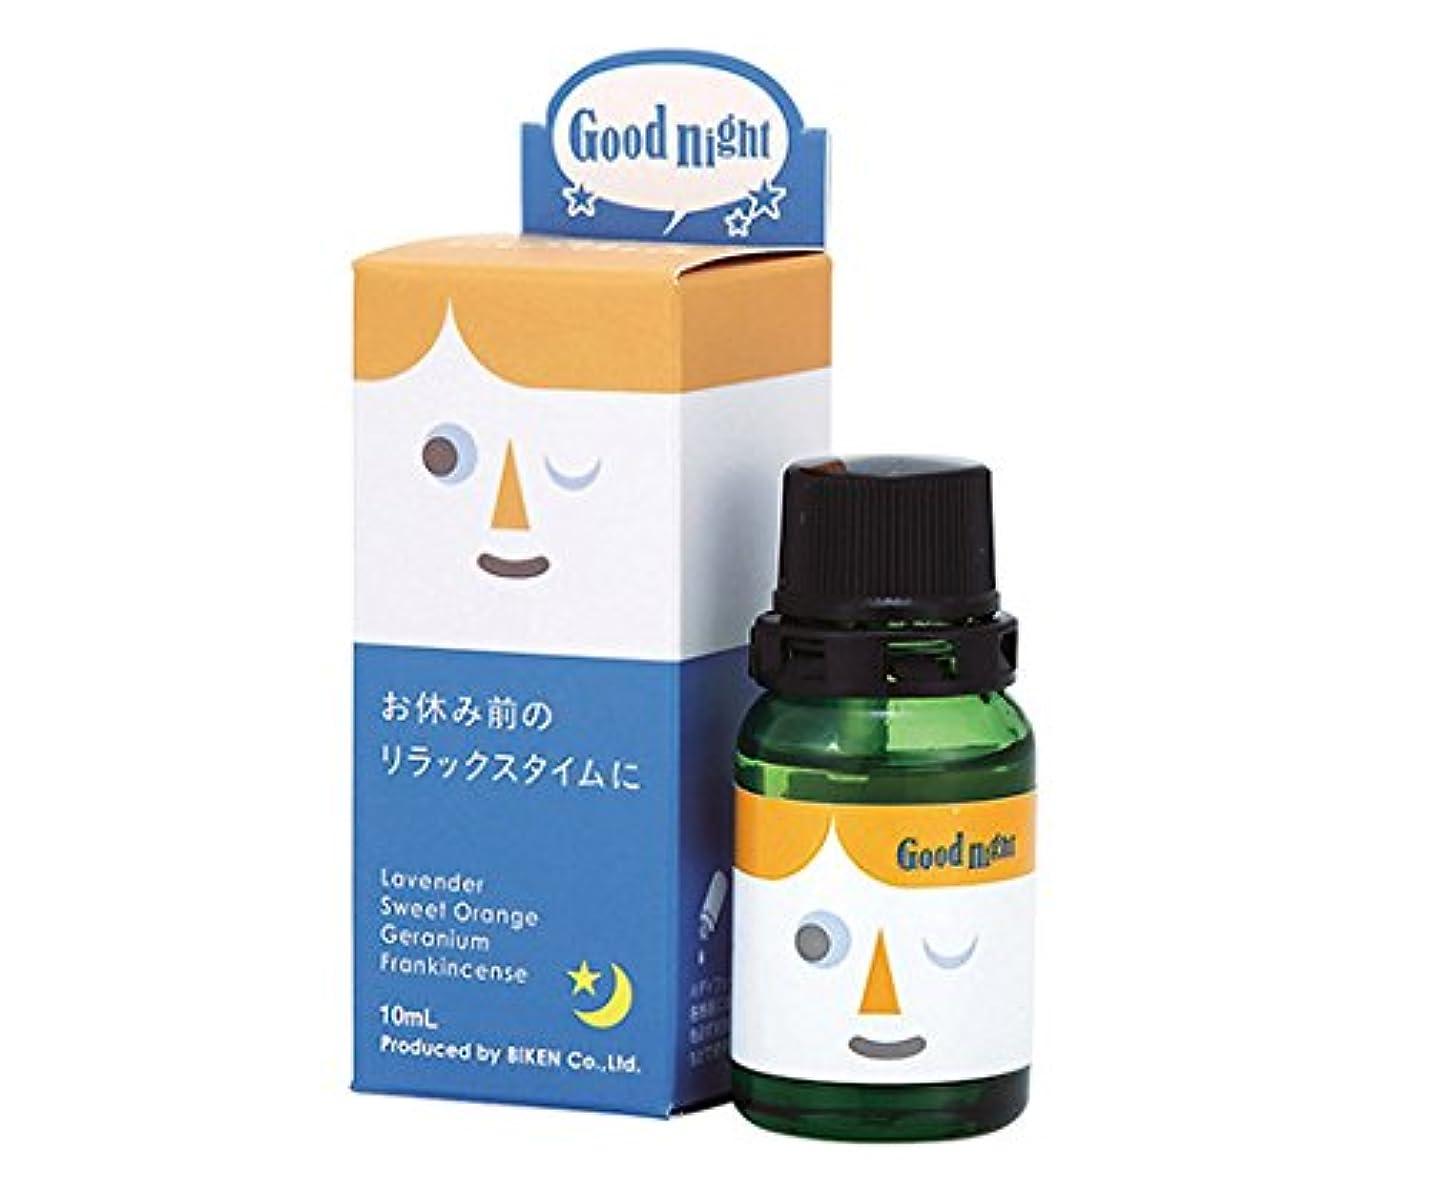 ペチュランス散らすロッジ美健8-3405-20水溶性エッセンシャルオイル(グッドナイト)